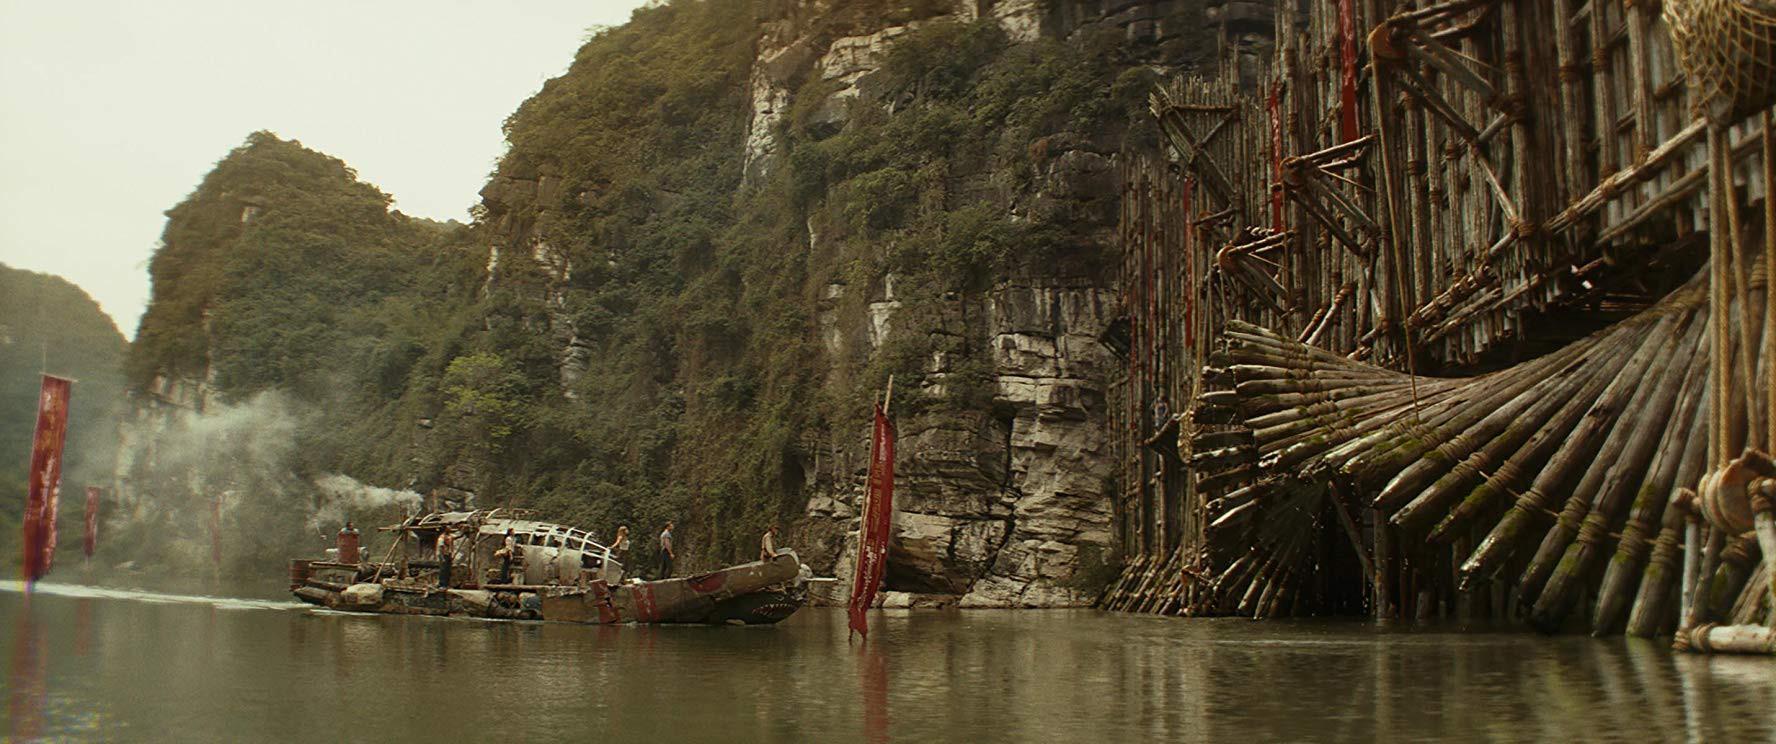 HOT: Việt Nam lọt vào danh sách chờ địa điểm gửi gắm Shang-Chi quậy tung màn ảnh 2021 của Marvel - Ảnh 4.